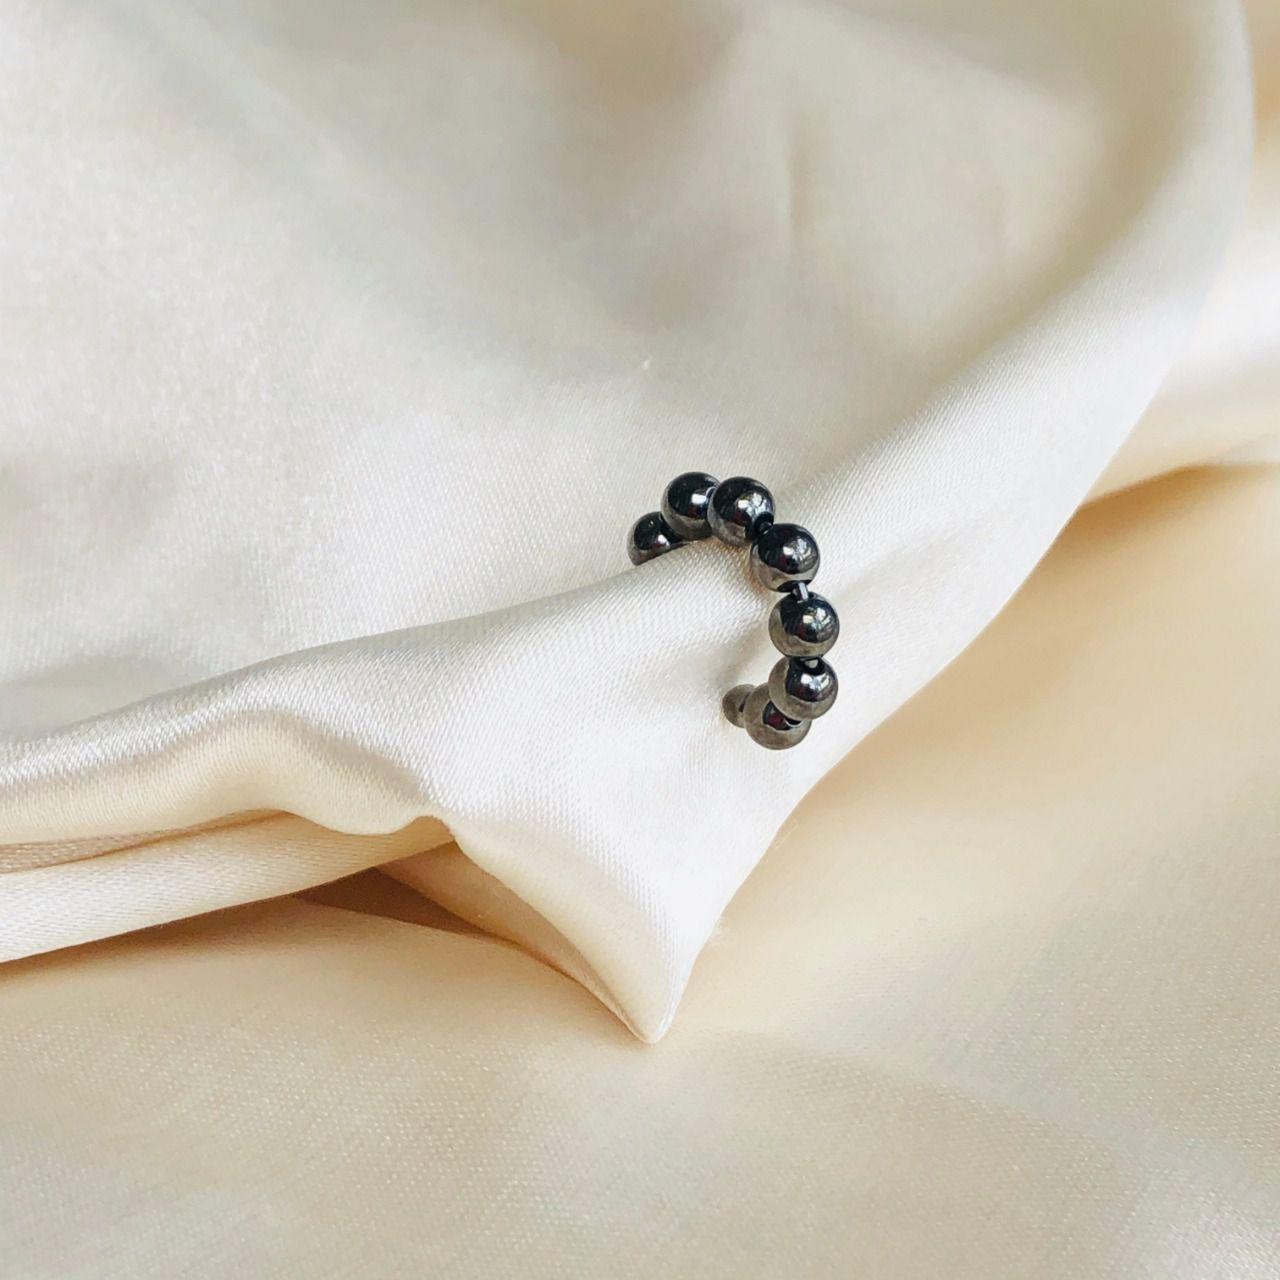 Piercing de Pressão Bolinhas Pequenas Banhado em Ródio Negro